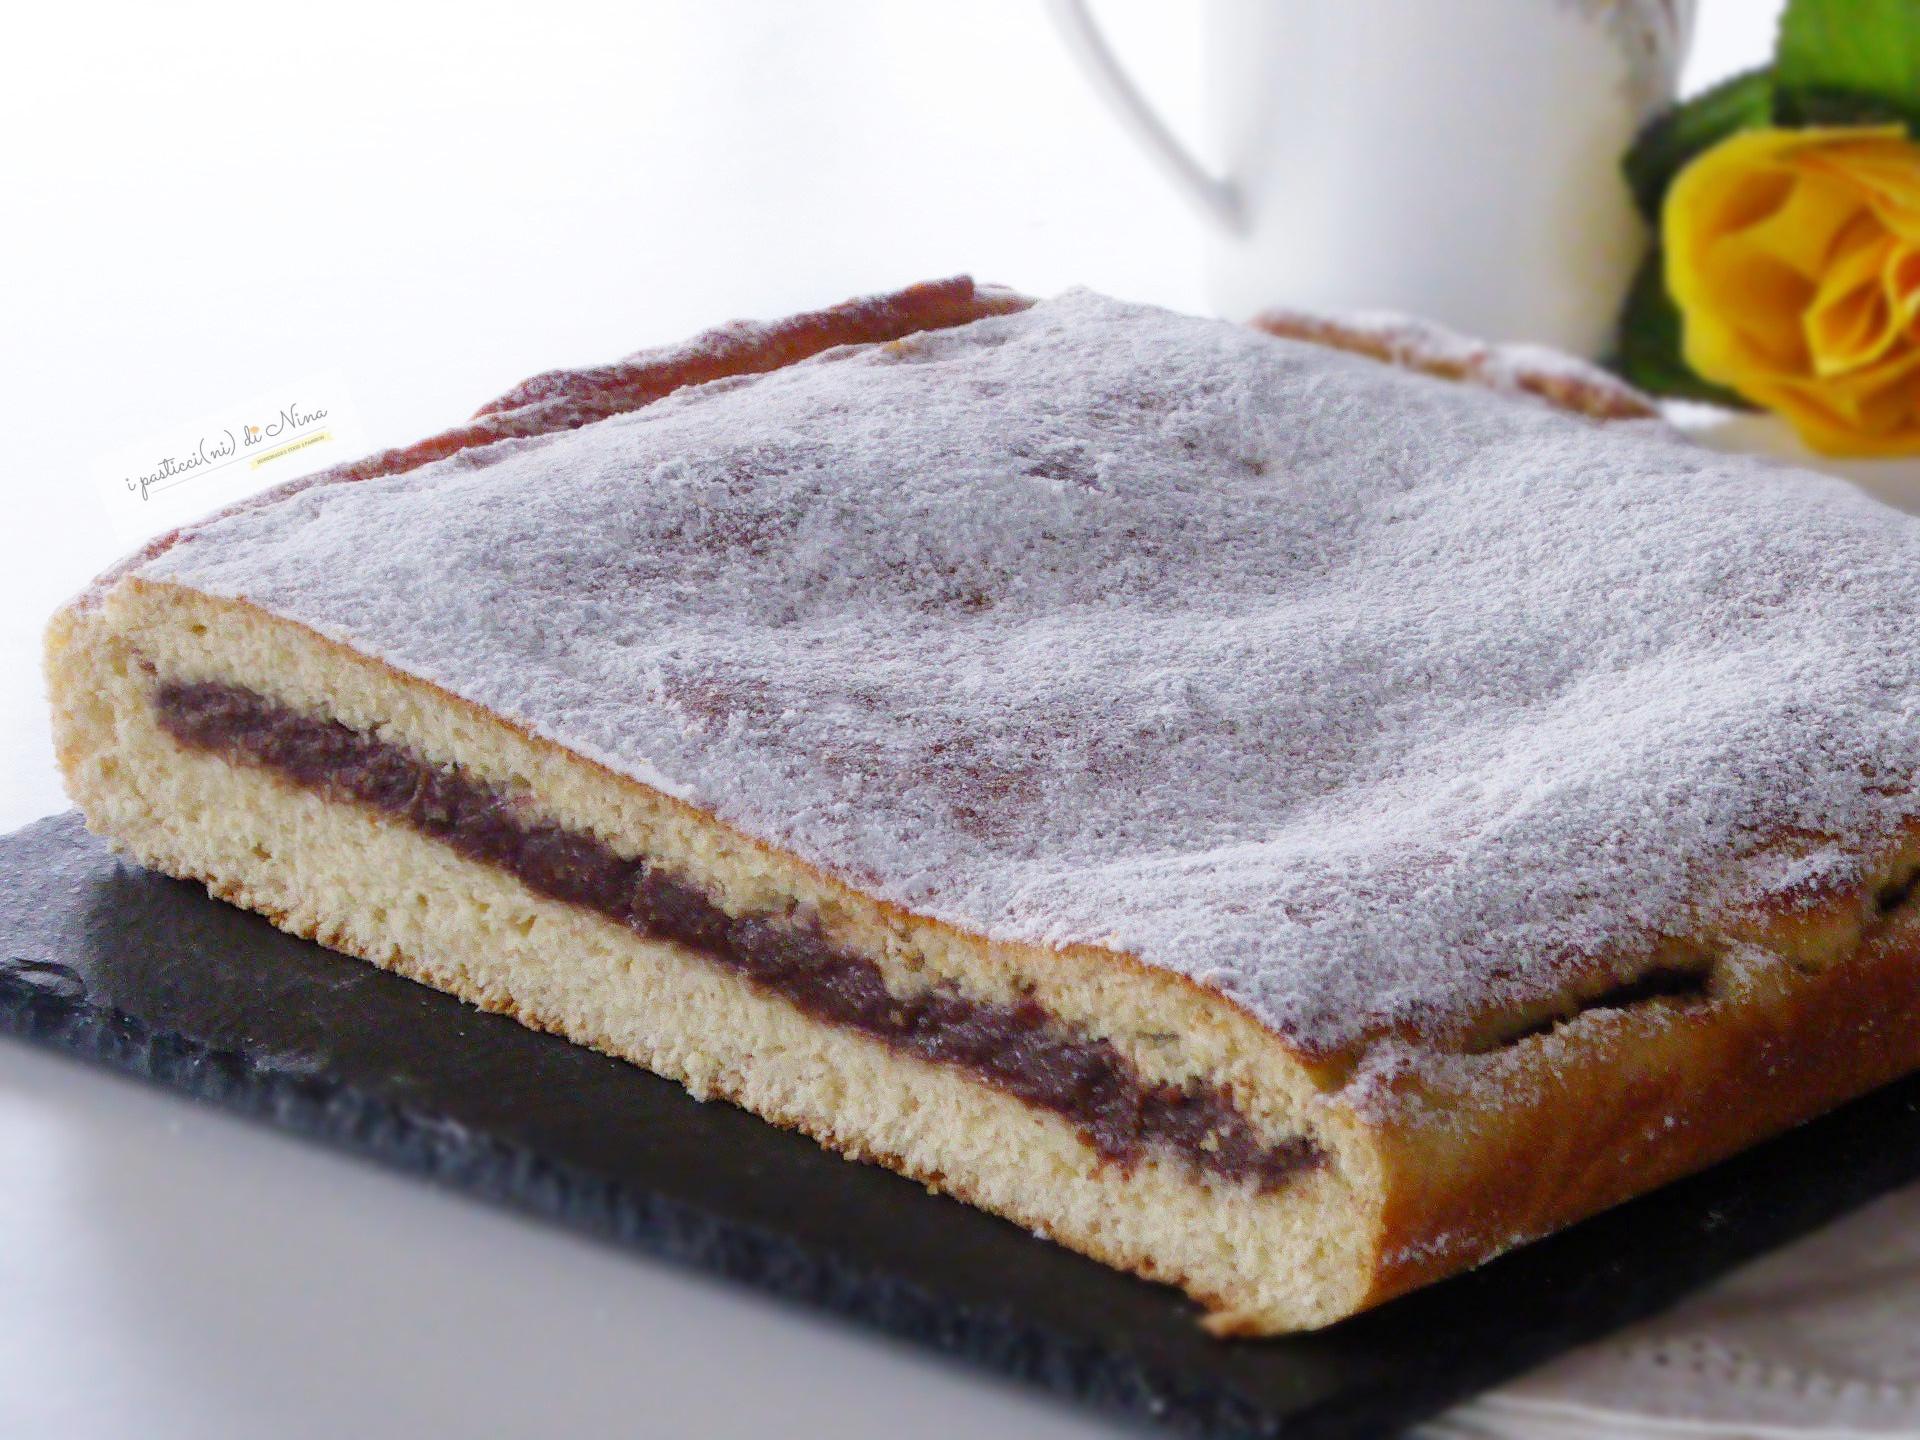 Torta brioche con impasto senza farina con crema pasticcera al cioccolato